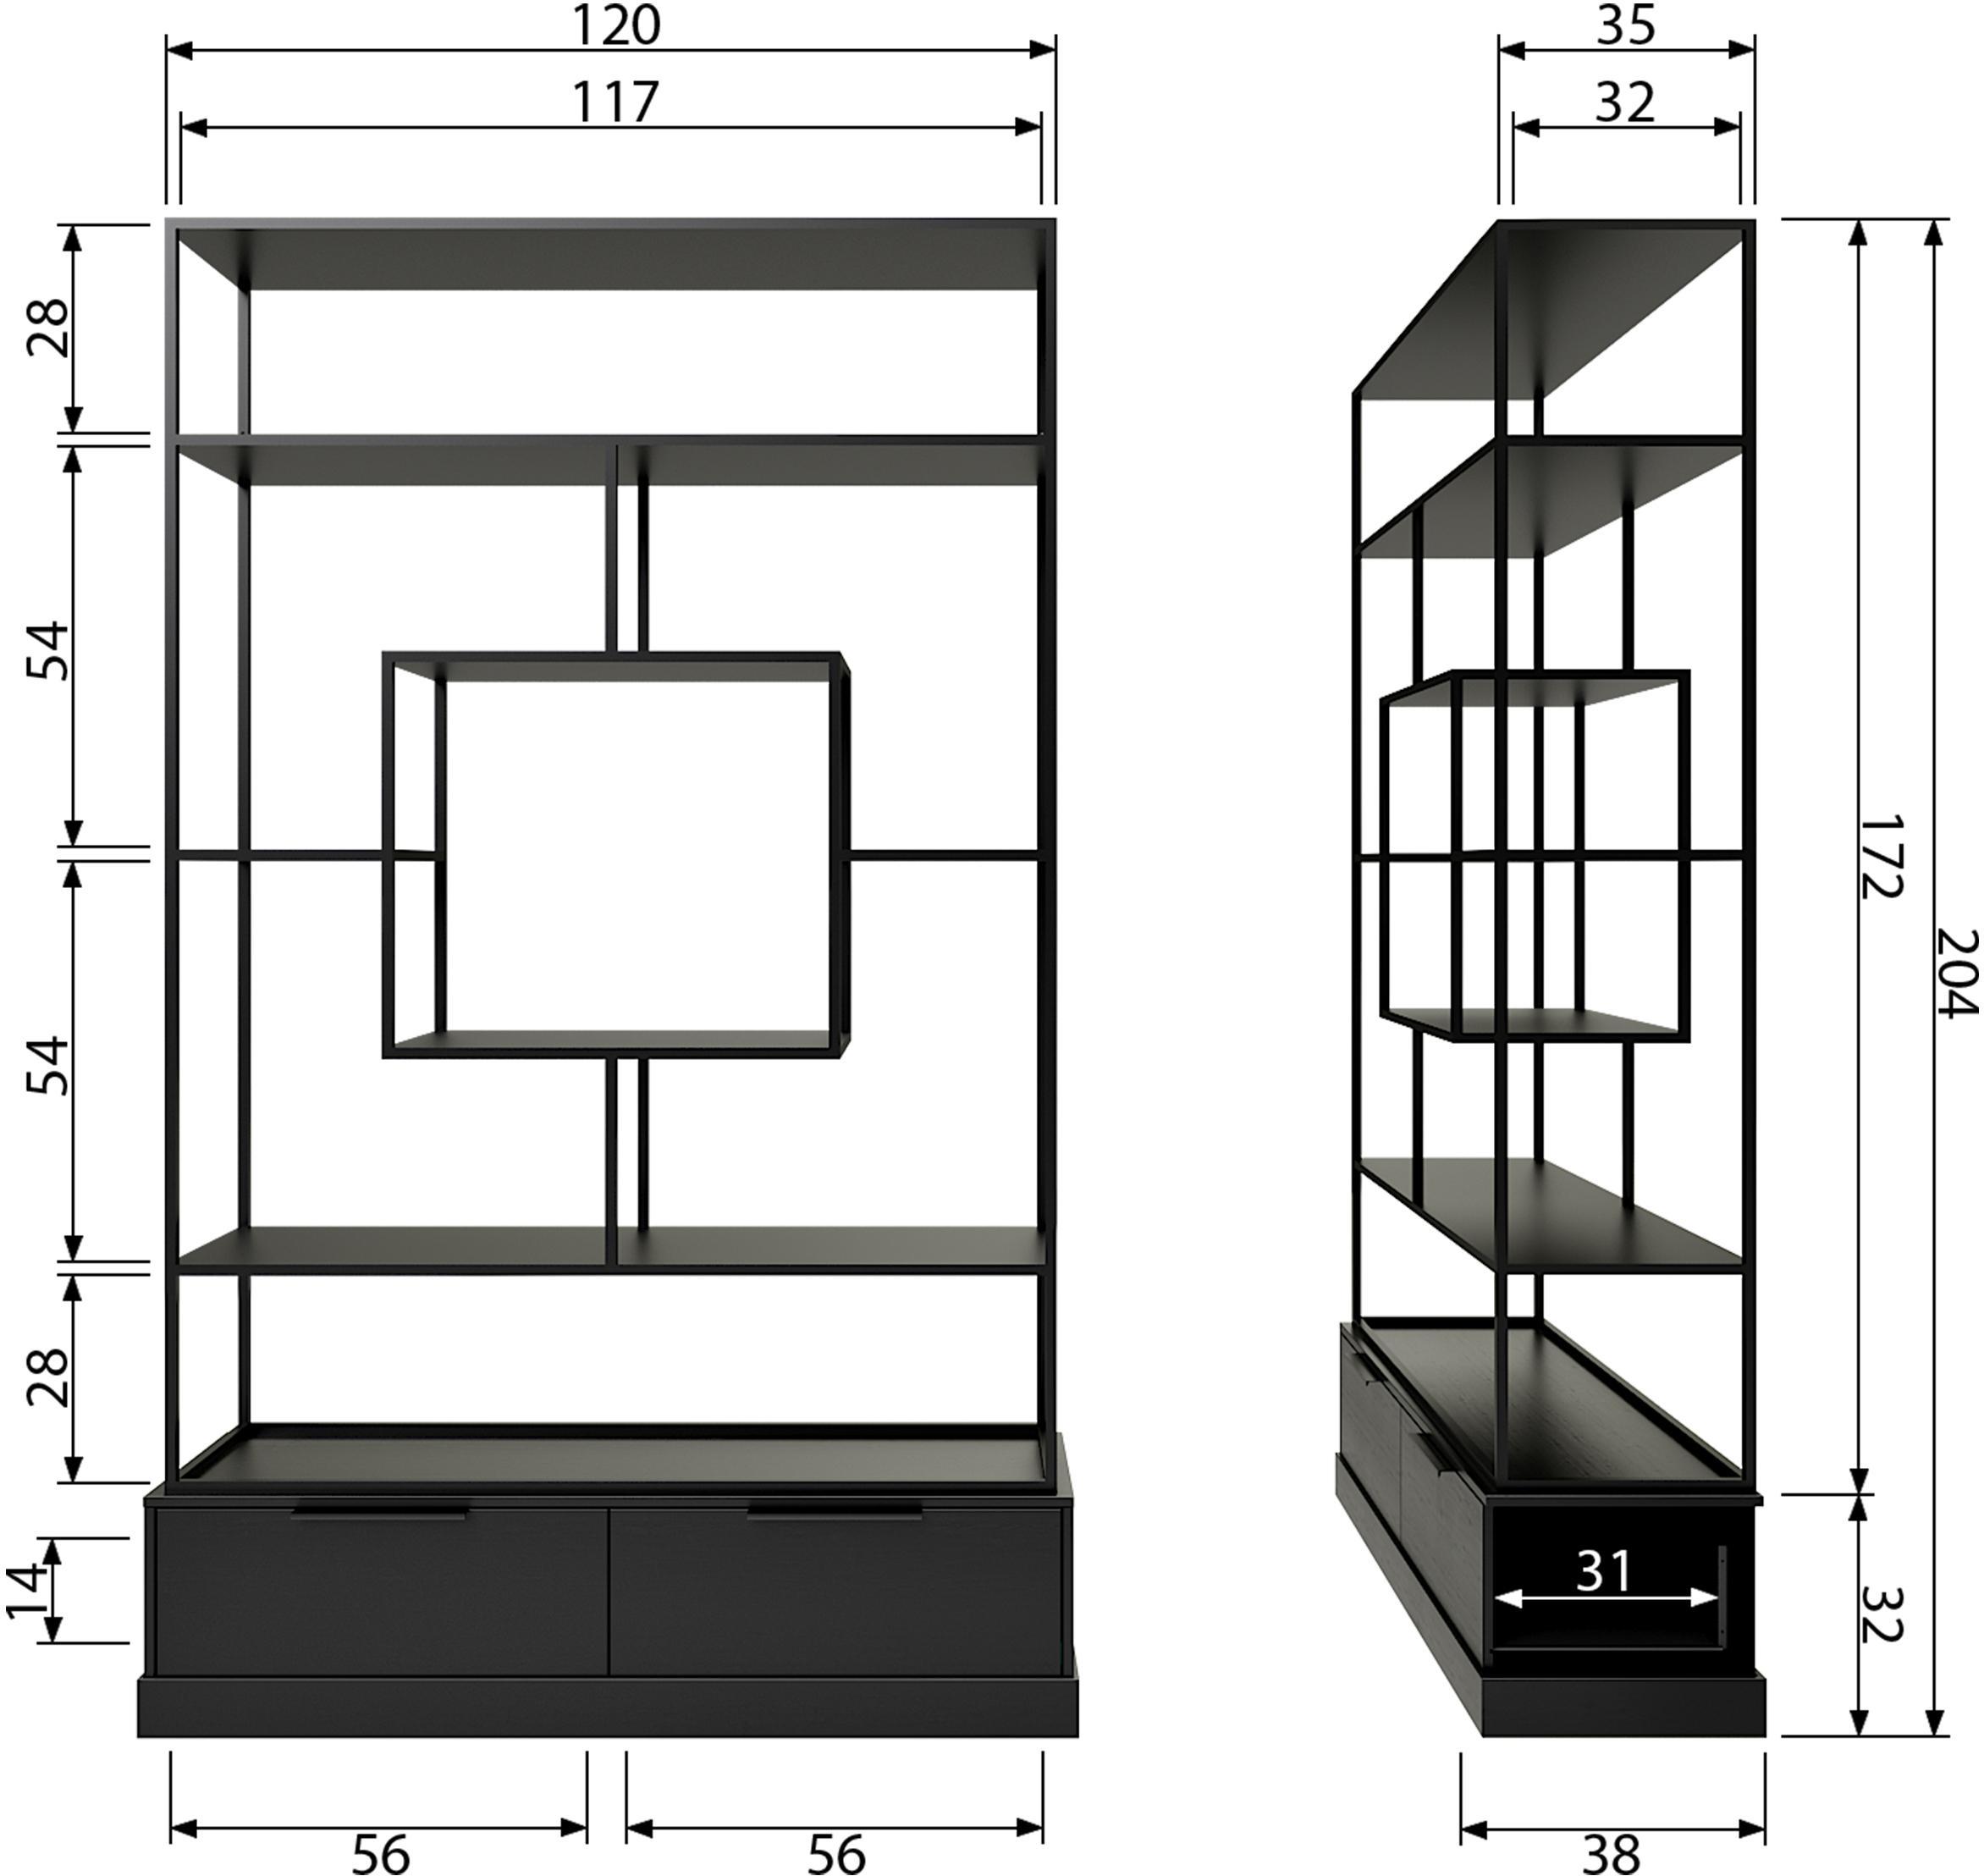 Metall-Standregal Fons, Rahmen: Metall, lackiert, Schwarz, 126 x 204 cm